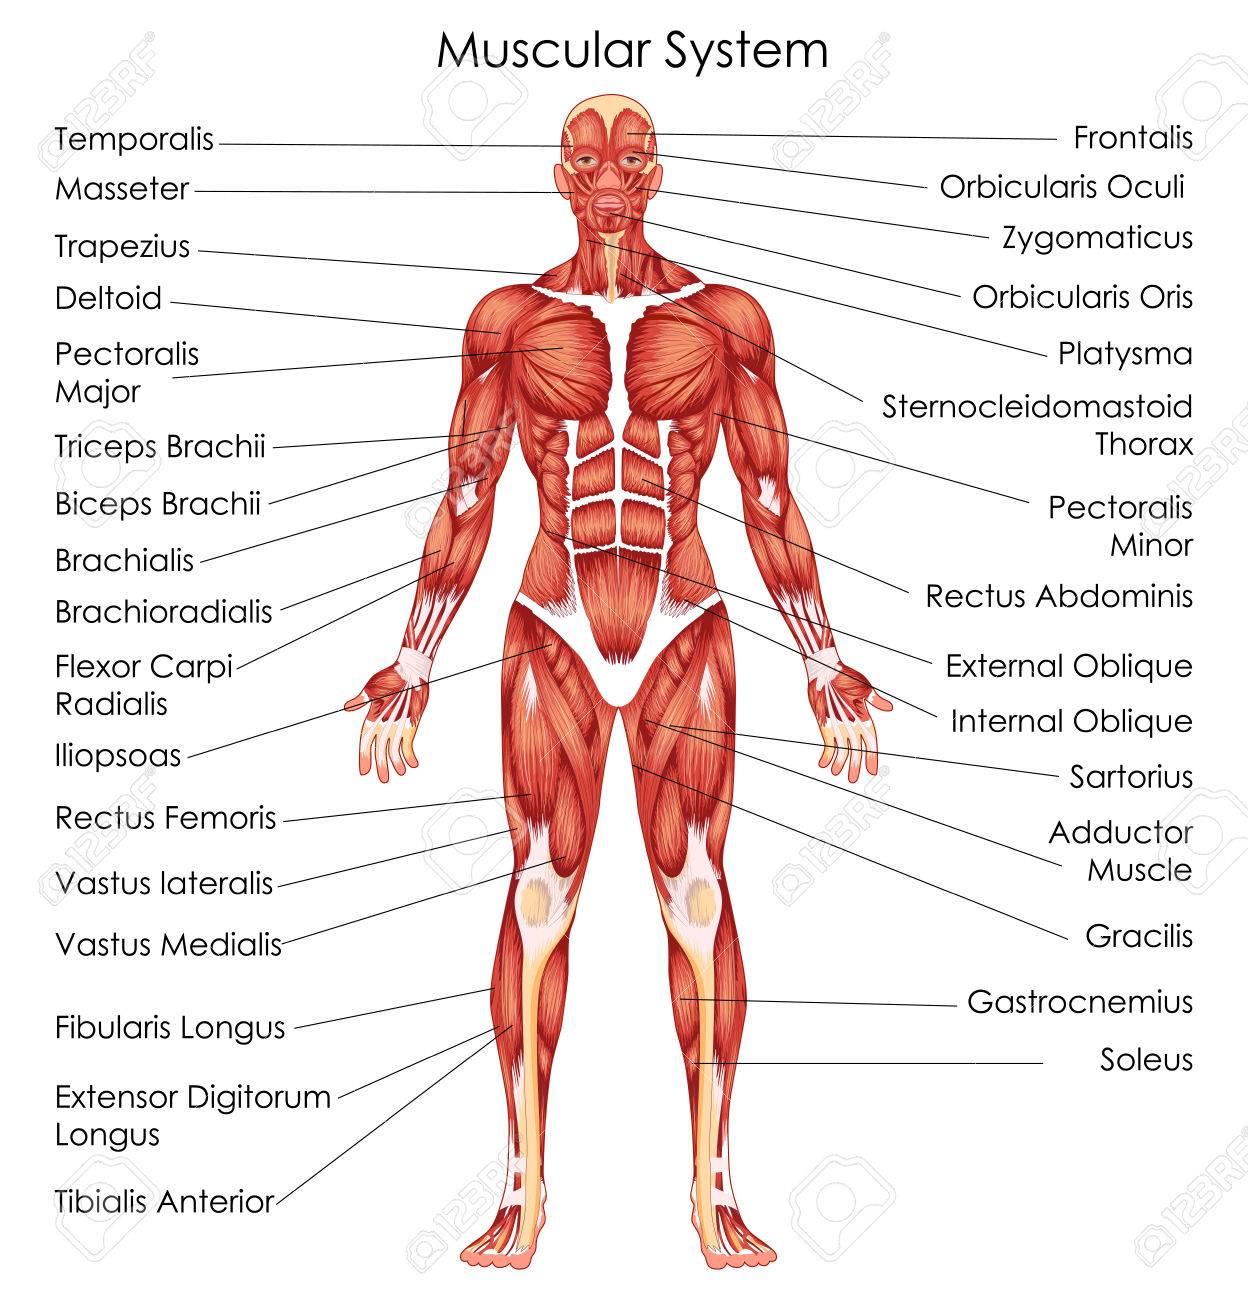 Großartig Muskeln Diagramm Fotos - Menschliche Anatomie Bilder ...